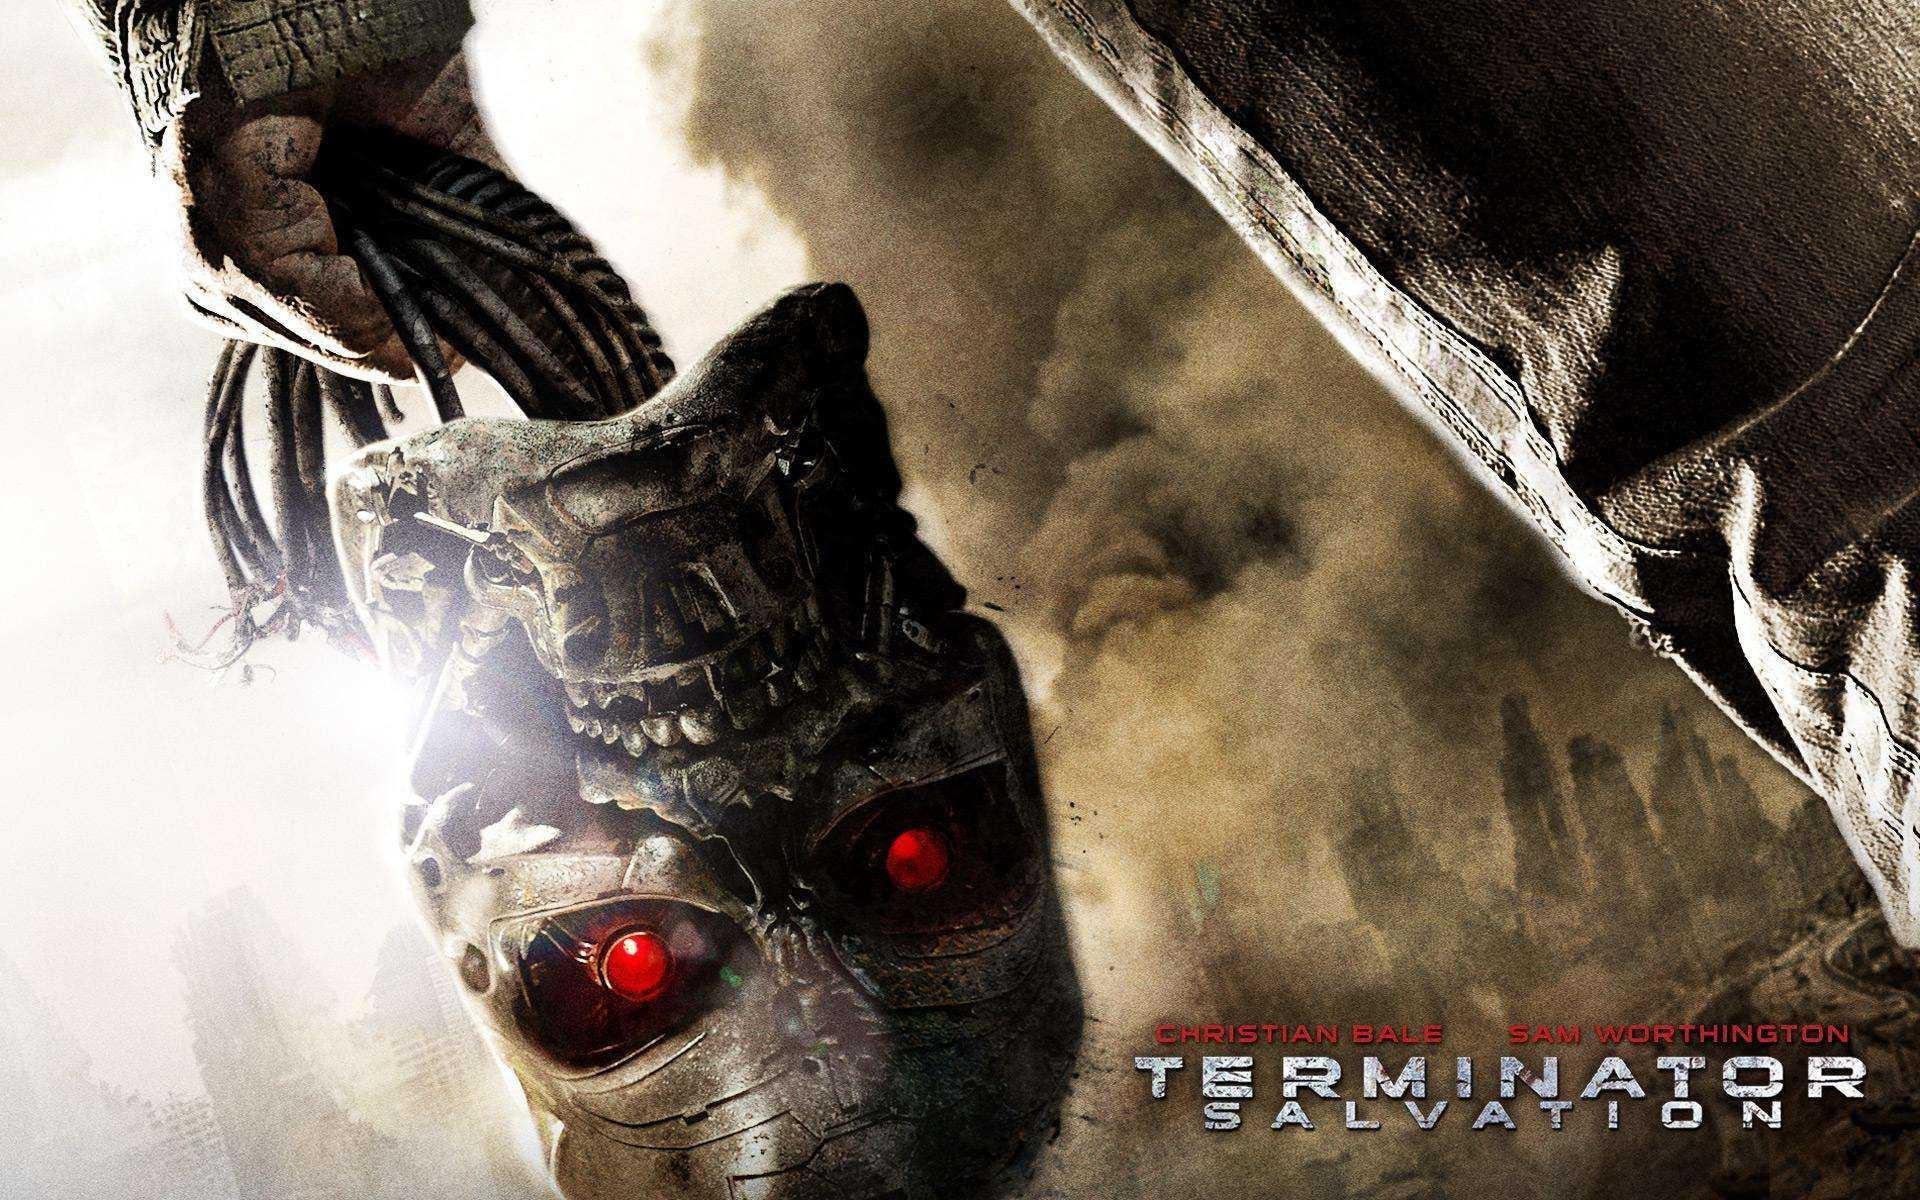 Wallpaper del film Terminator Salvation diretto da McG